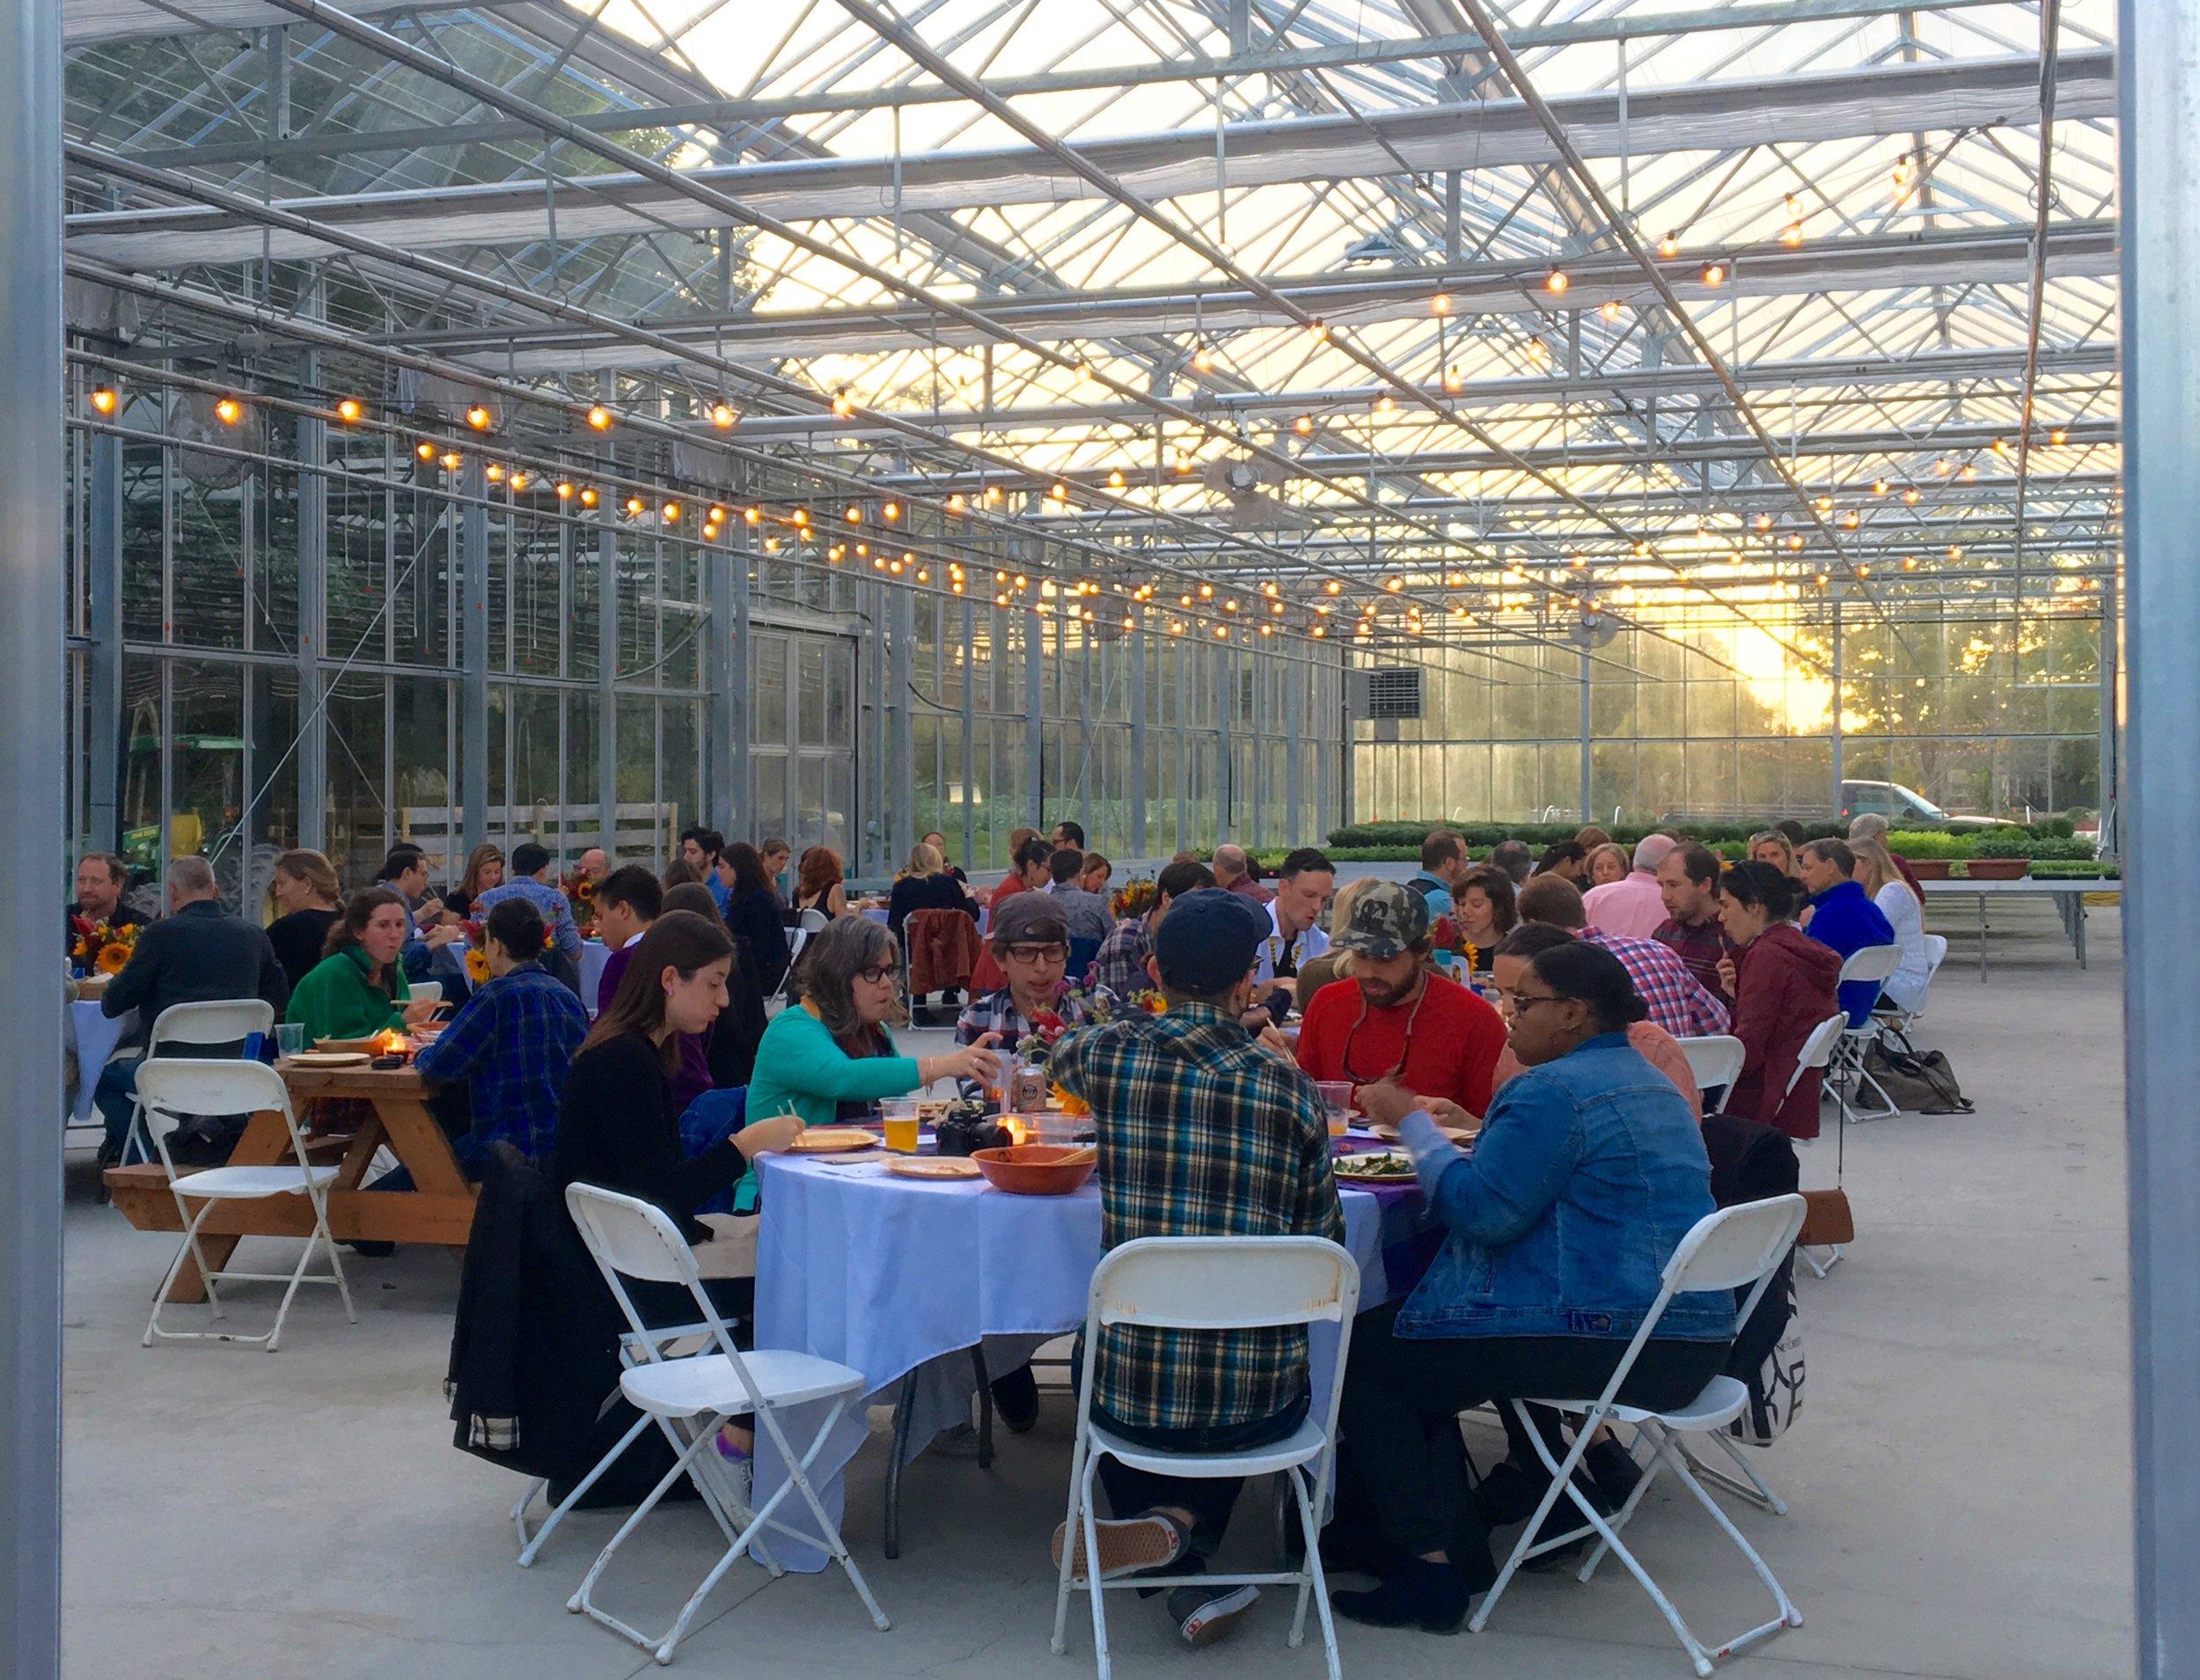 Allandale Farm Dinner